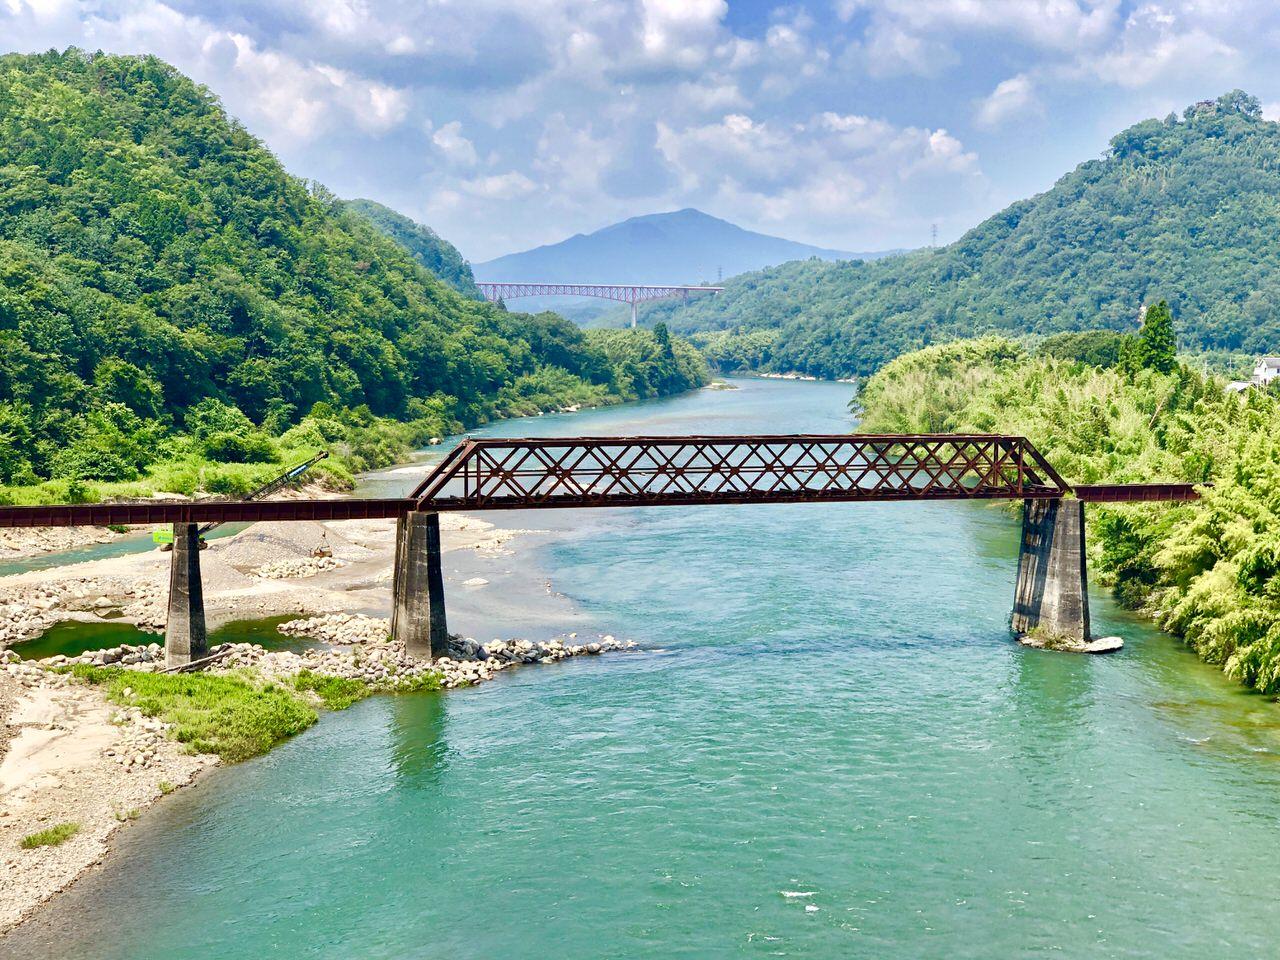 木曽川橋梁を玉蔵大橋から撮影